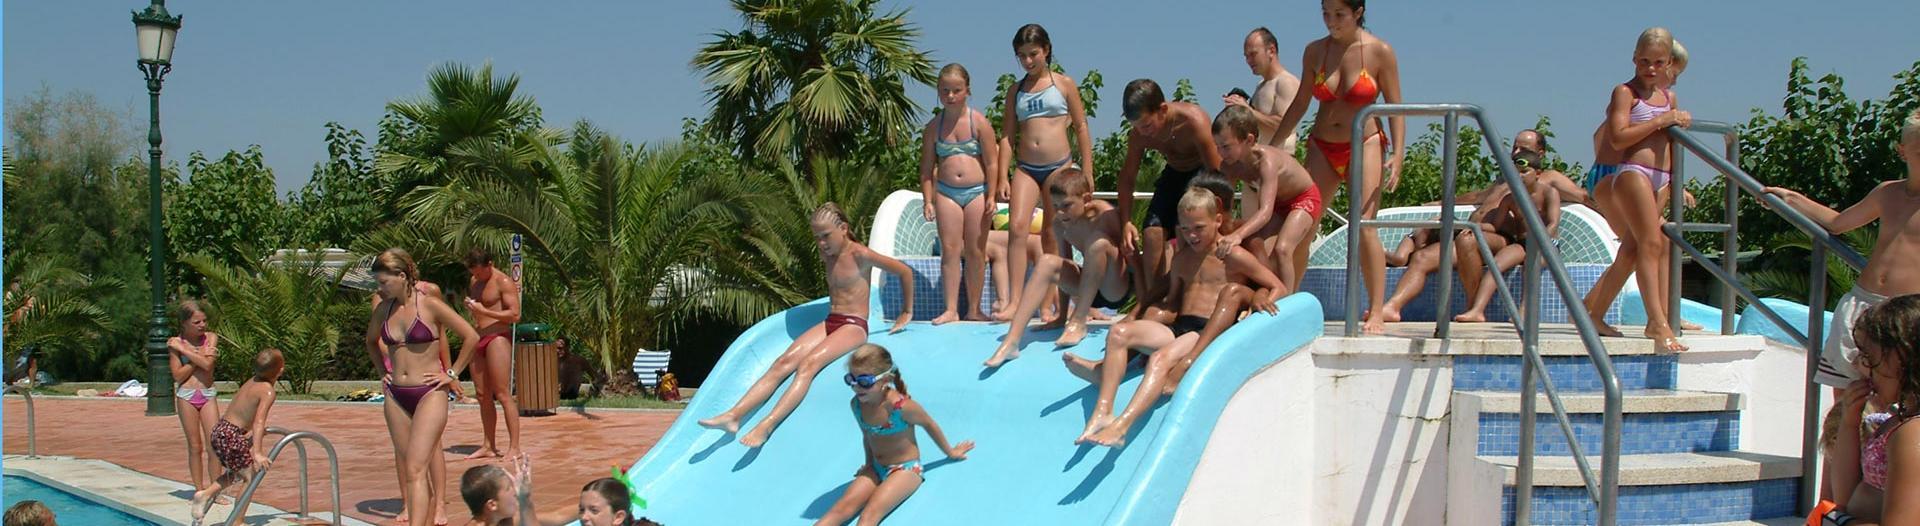 slider-camping-vendrell-playa-piscine-costa-dorada